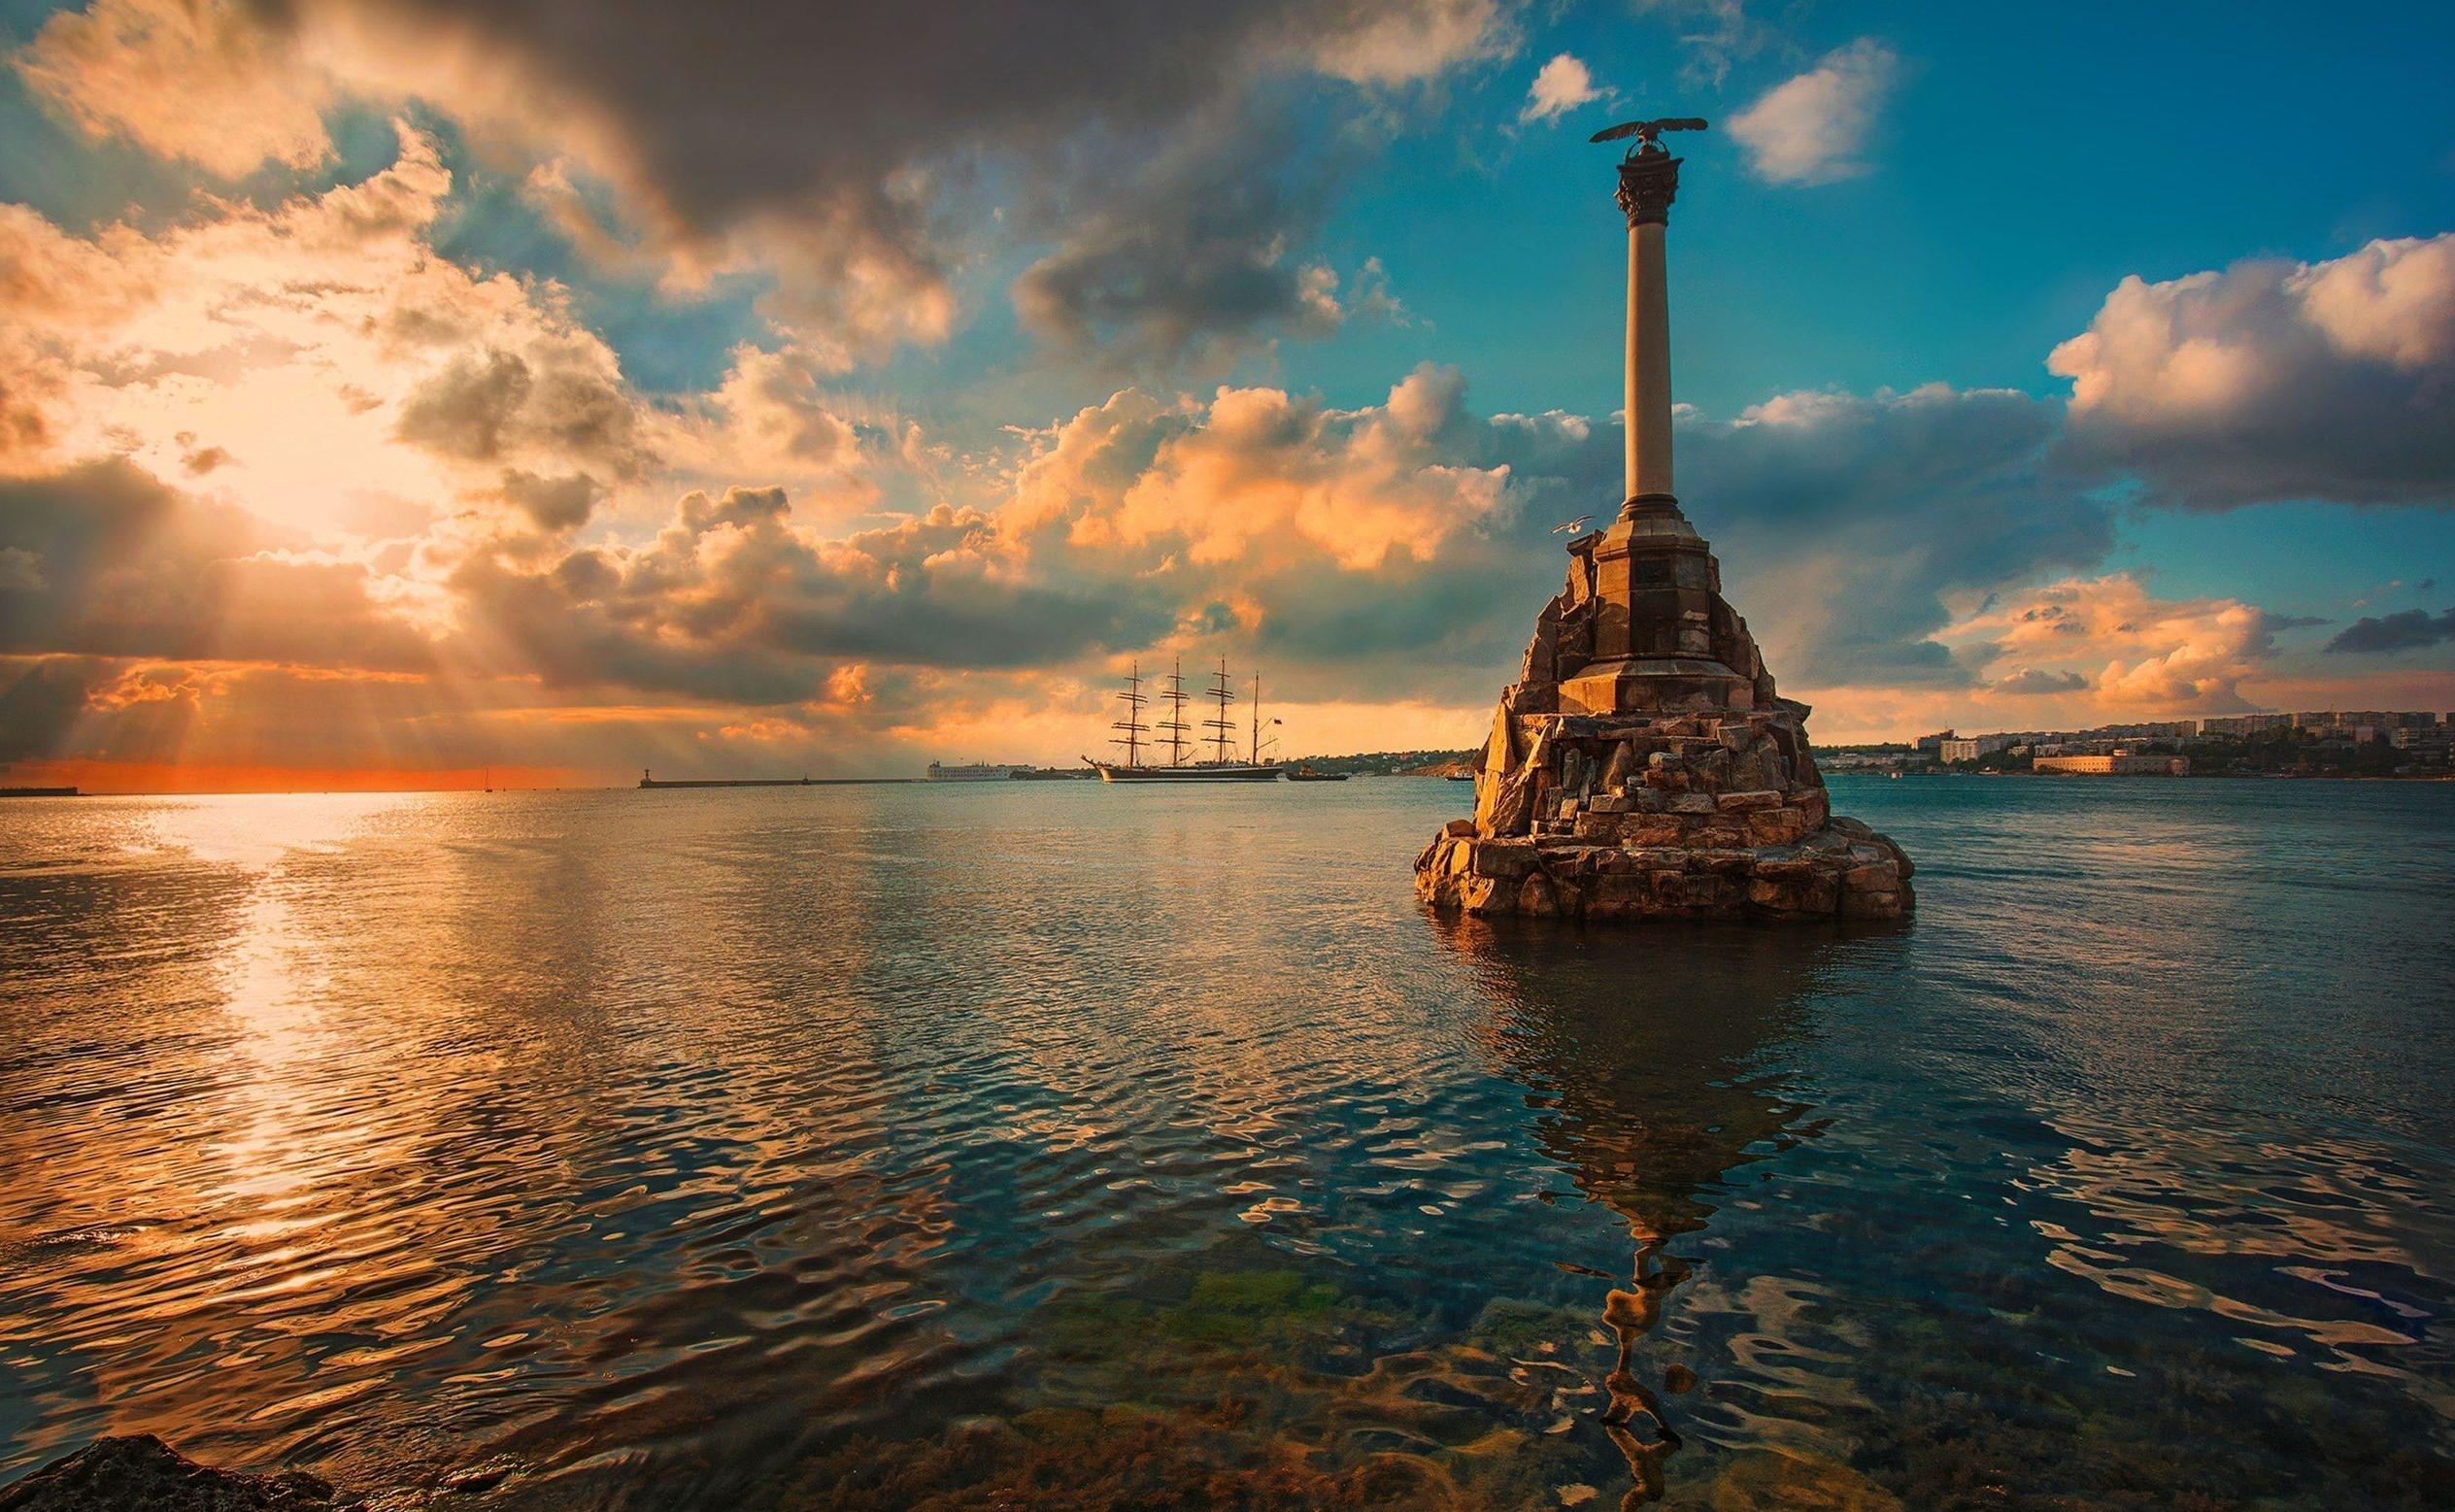 севастополь картинки фото город нем твои